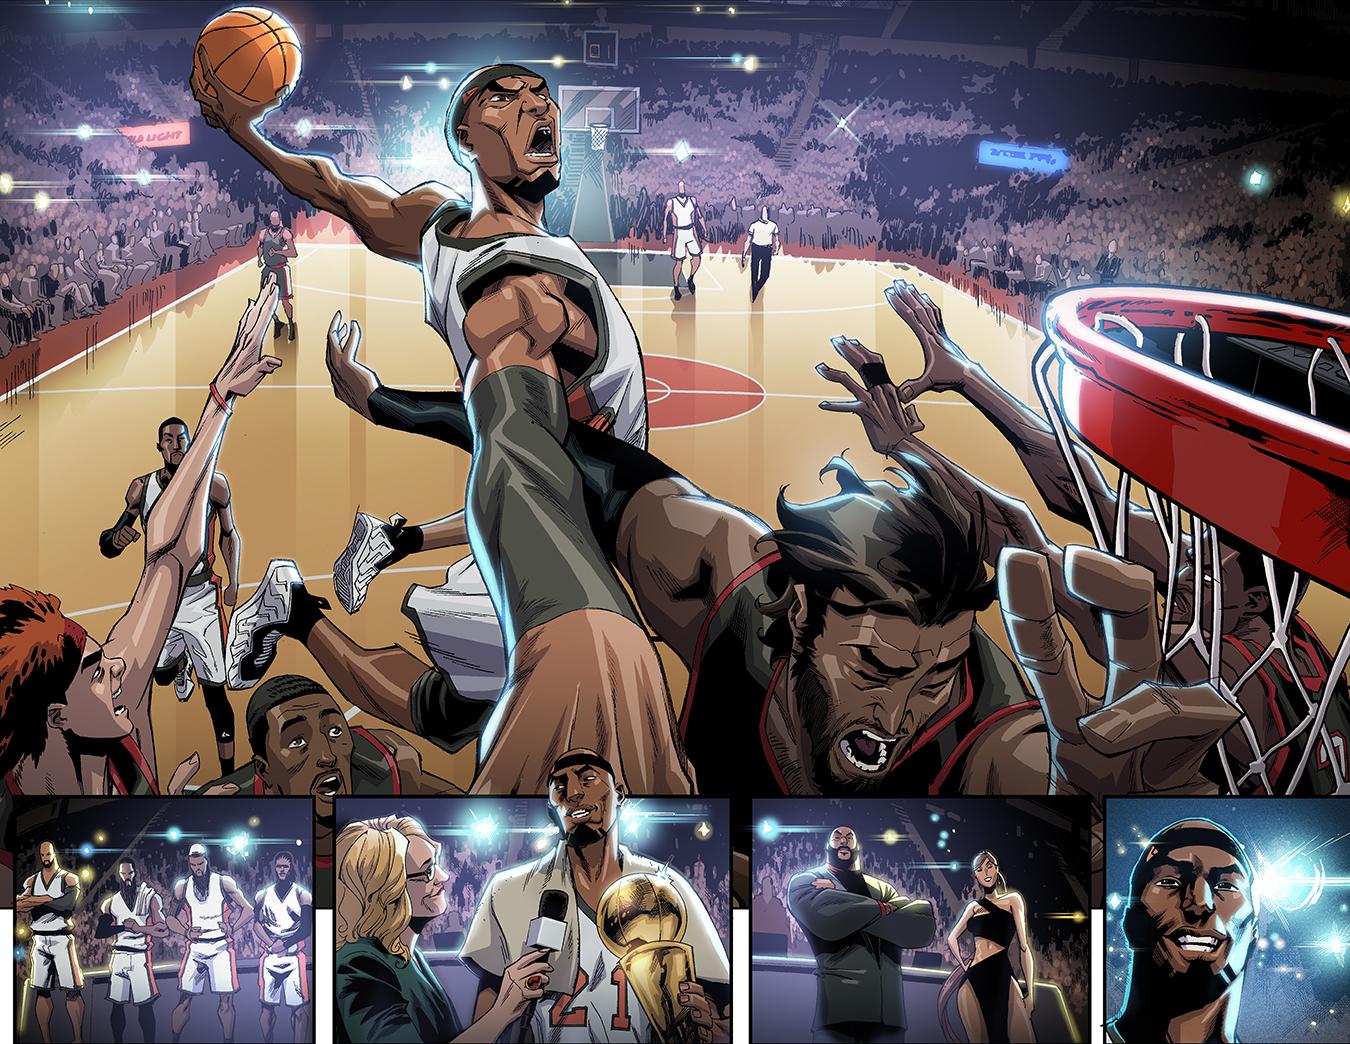 Basquetbolista y superhéroe de Marvel